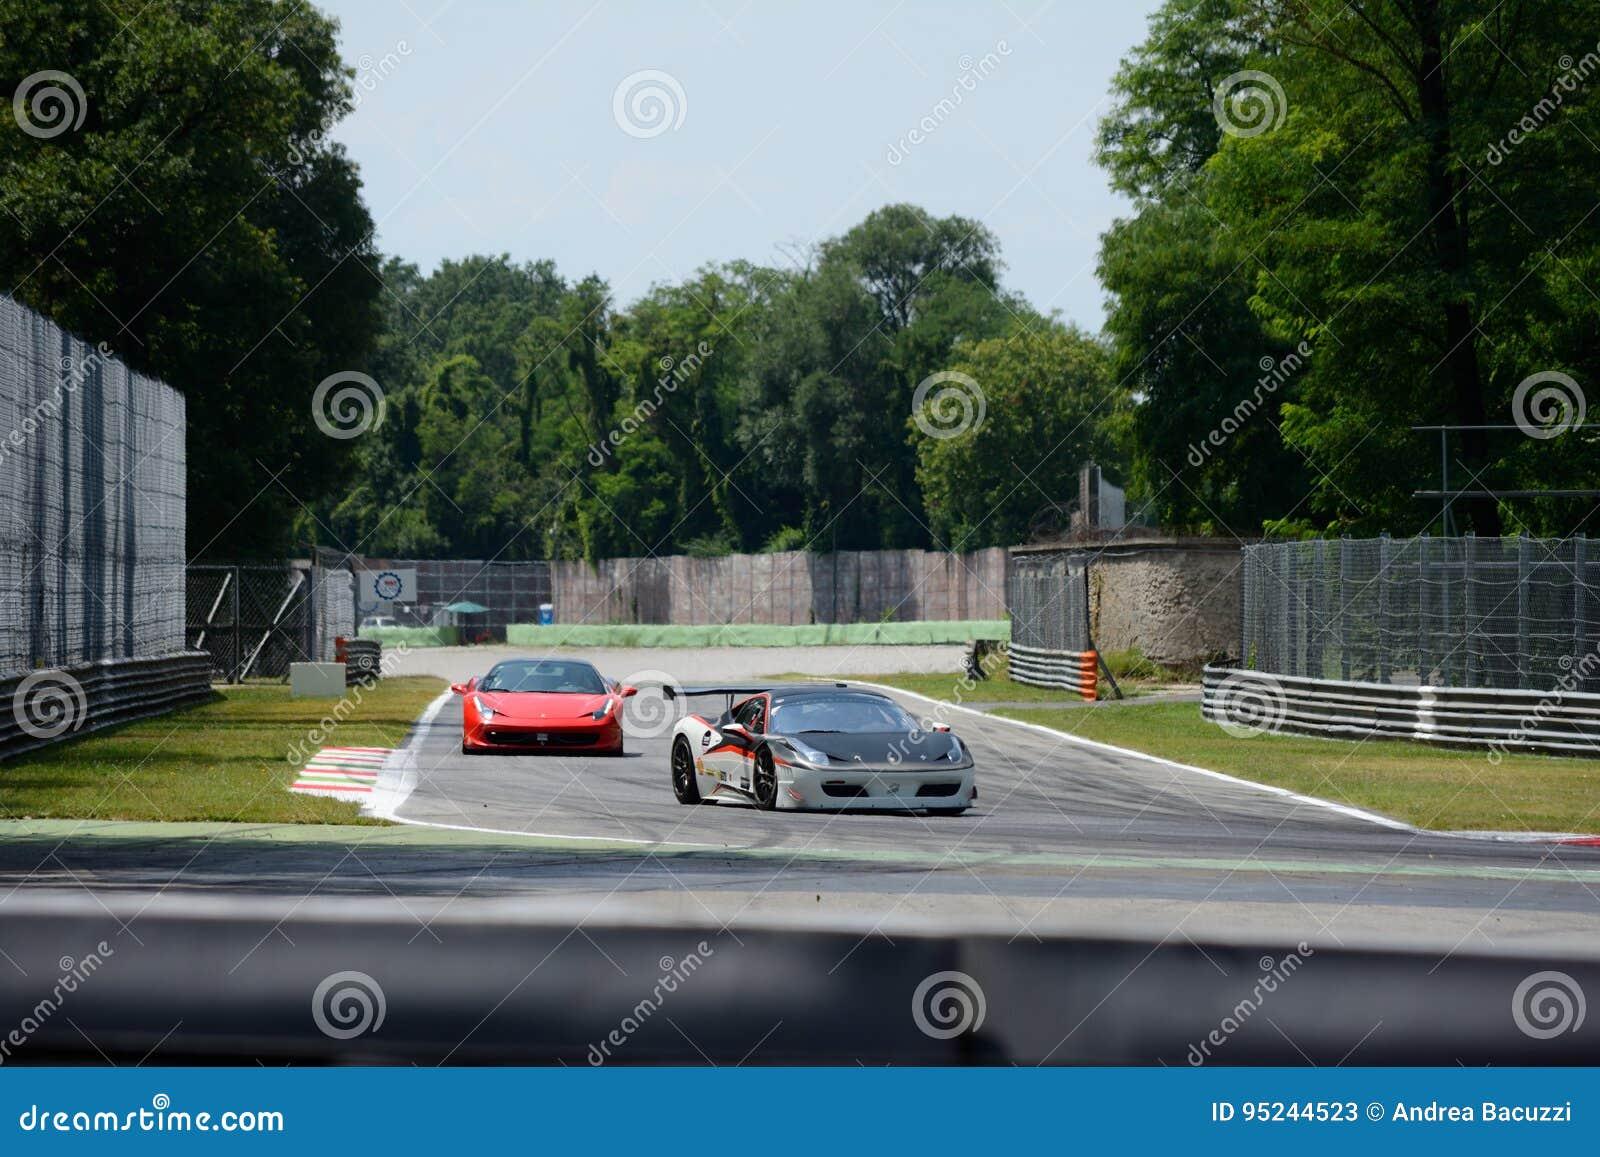 Circuit Monza Italia : Ferrari italia at the roggia chicane of monza editorial stock